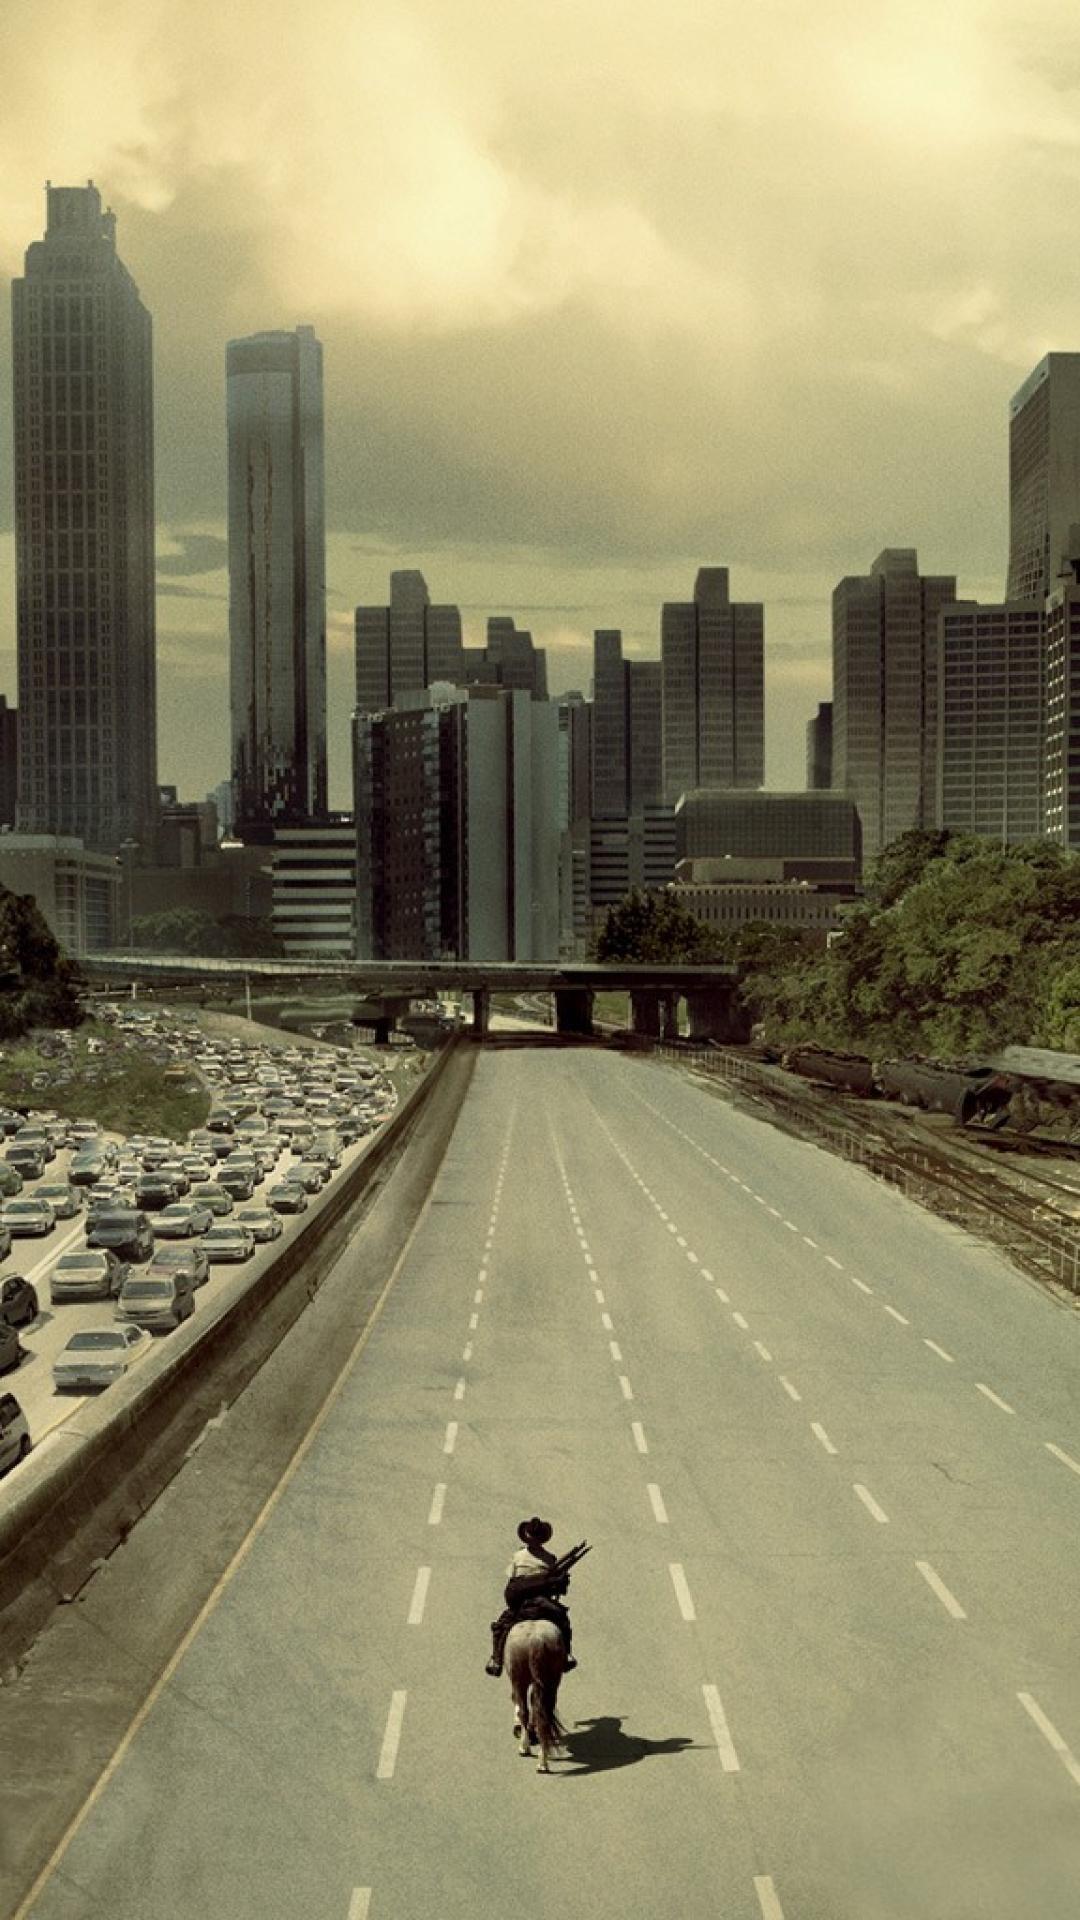 The Walking Dead iPhone wallpaper 5